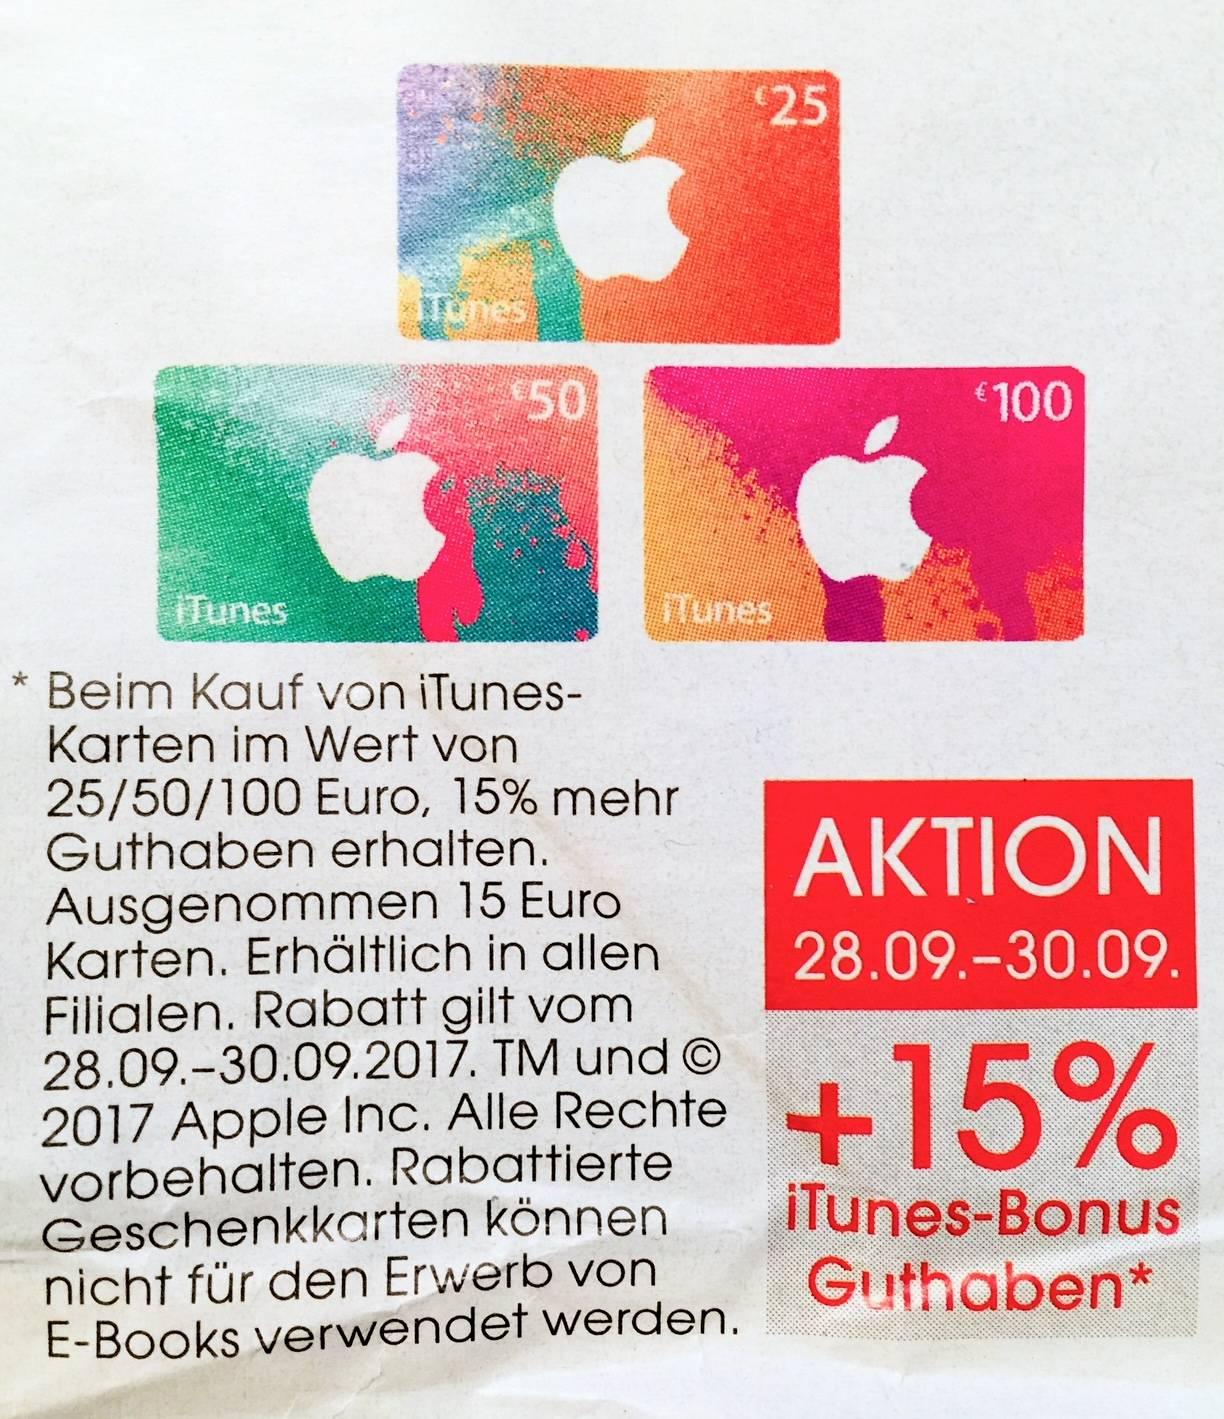 [Libro Filialen] 15% Bonusguthaben auf iTunes Karten 25 EUR, 50 EUR und 100 EUR vom 28.9.-30.9.2017